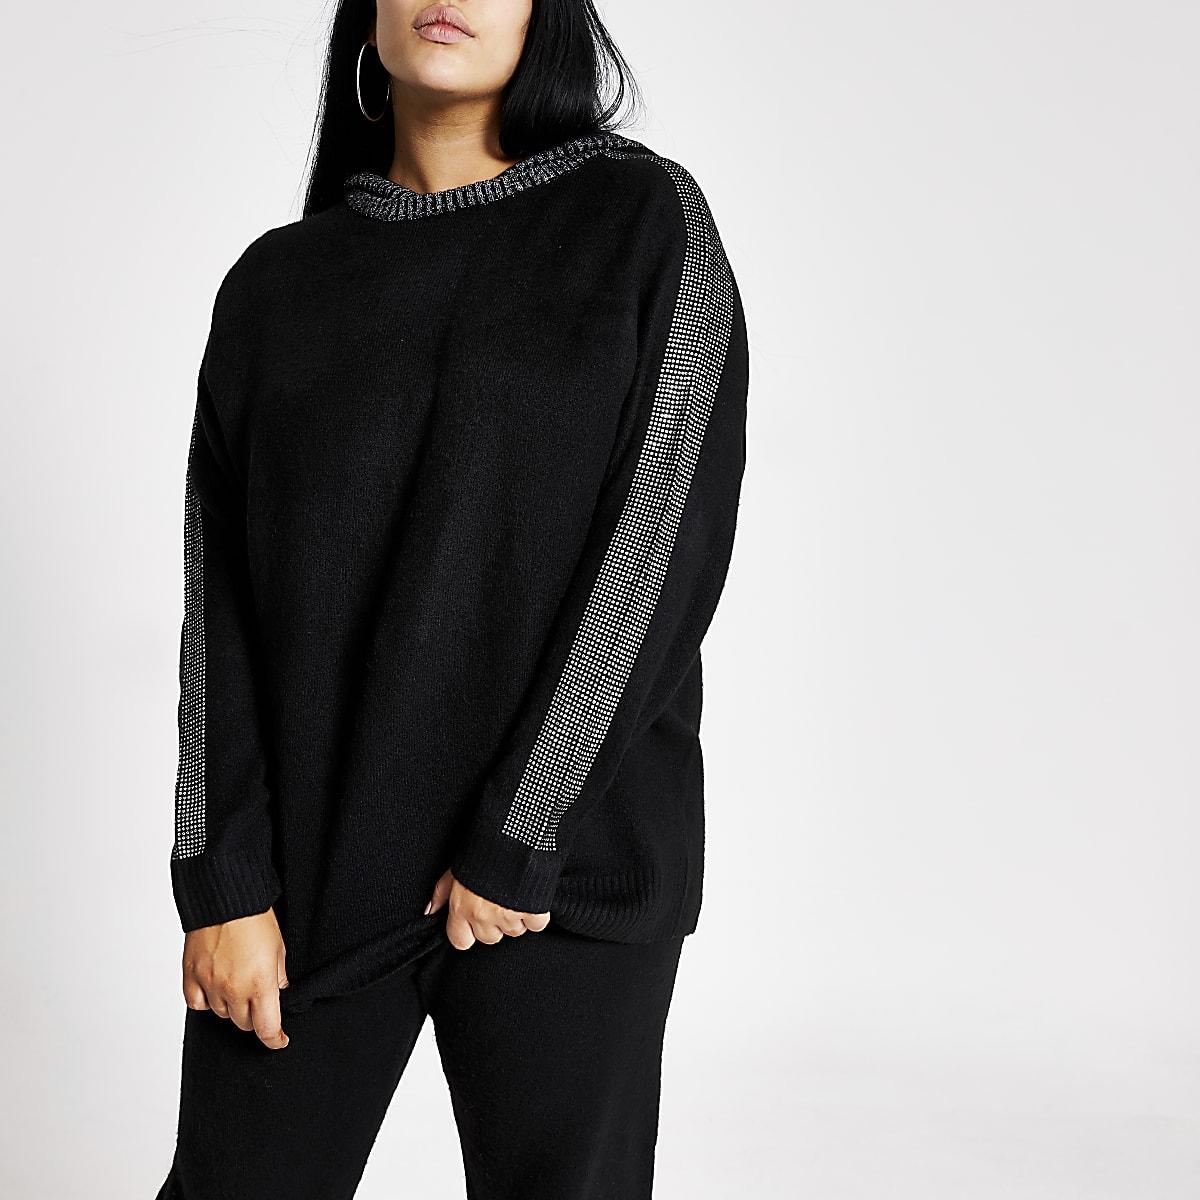 Plus - Sweat à capuche noir en maille avec bordure en strass